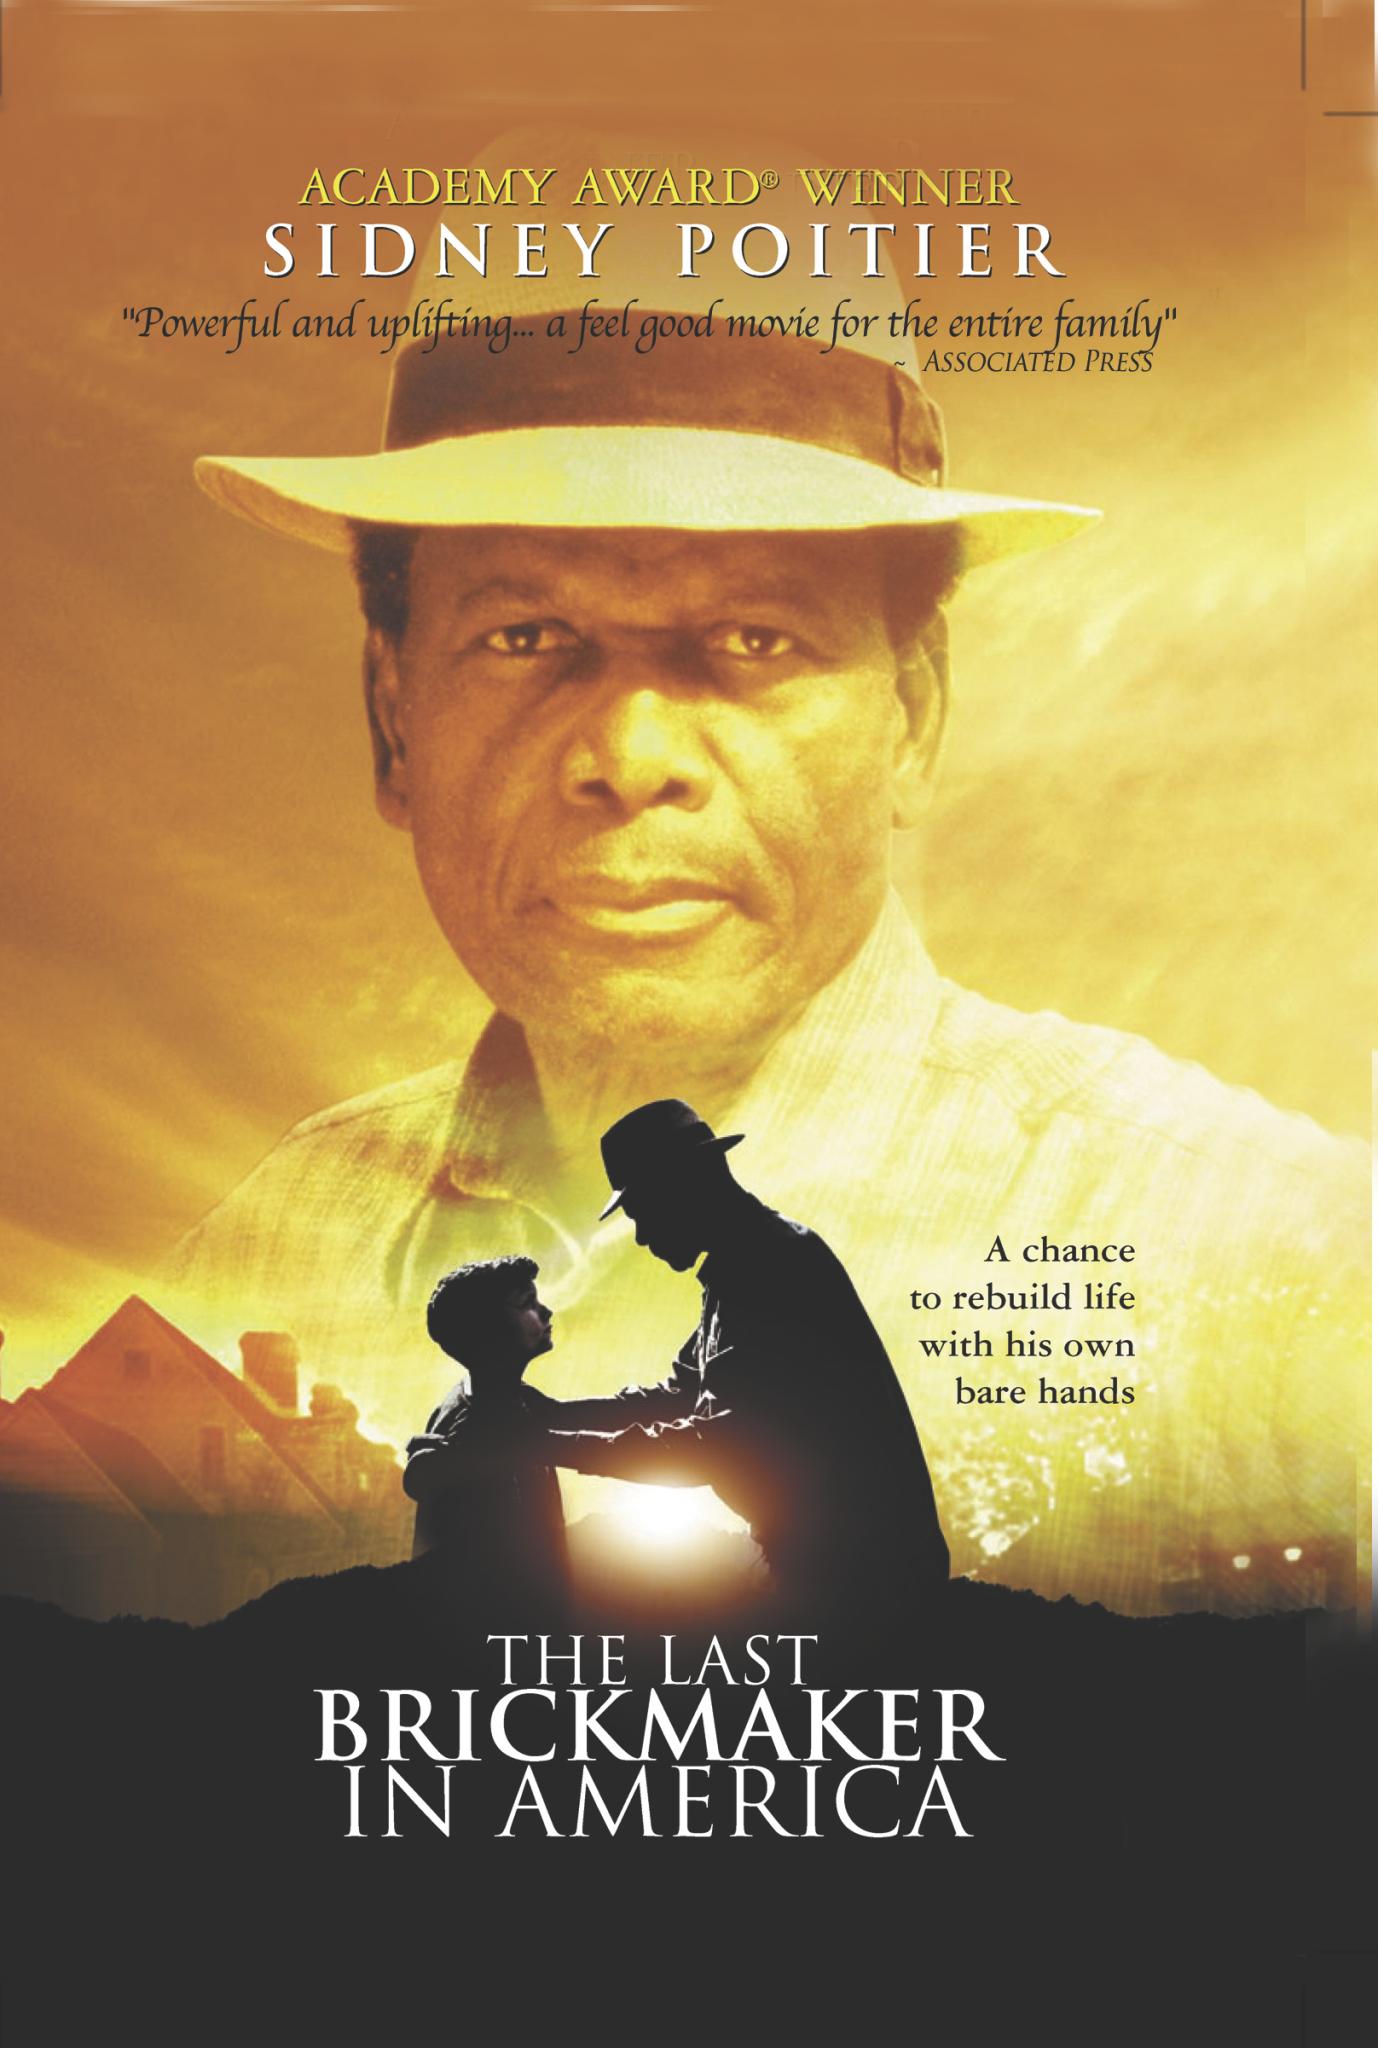 last brickmaker poster